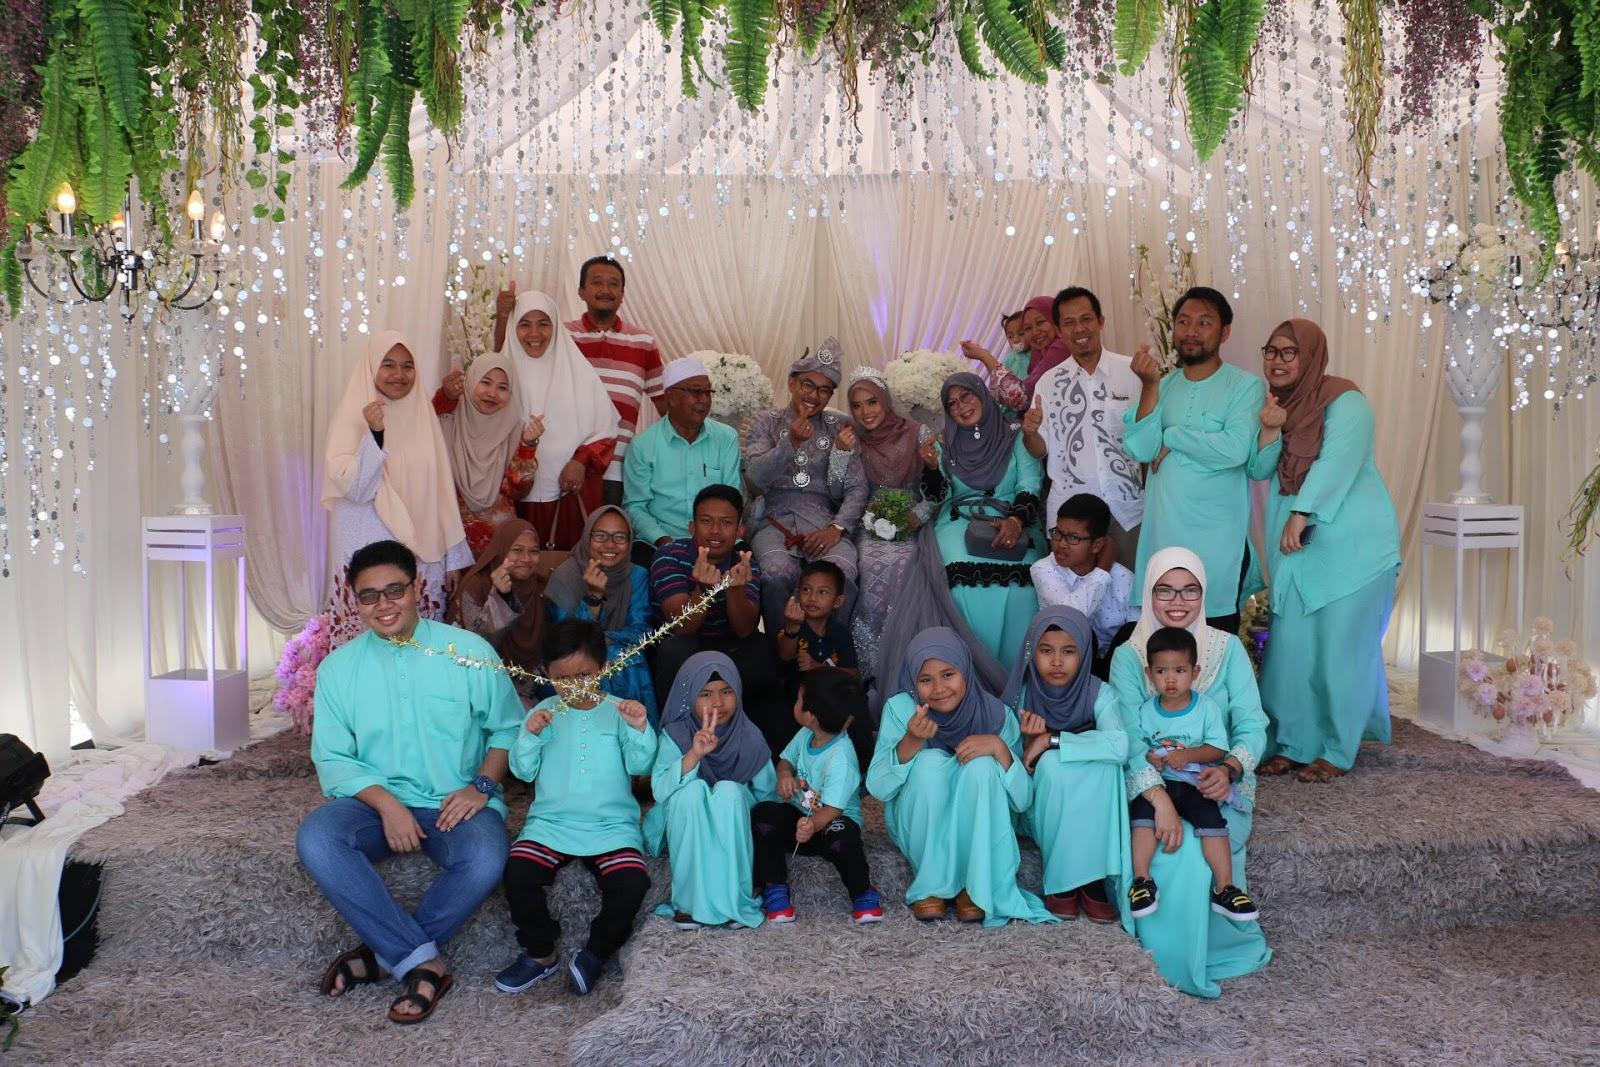 aktiviti keluarga, sambutan perayaan bersama keluarga, raya